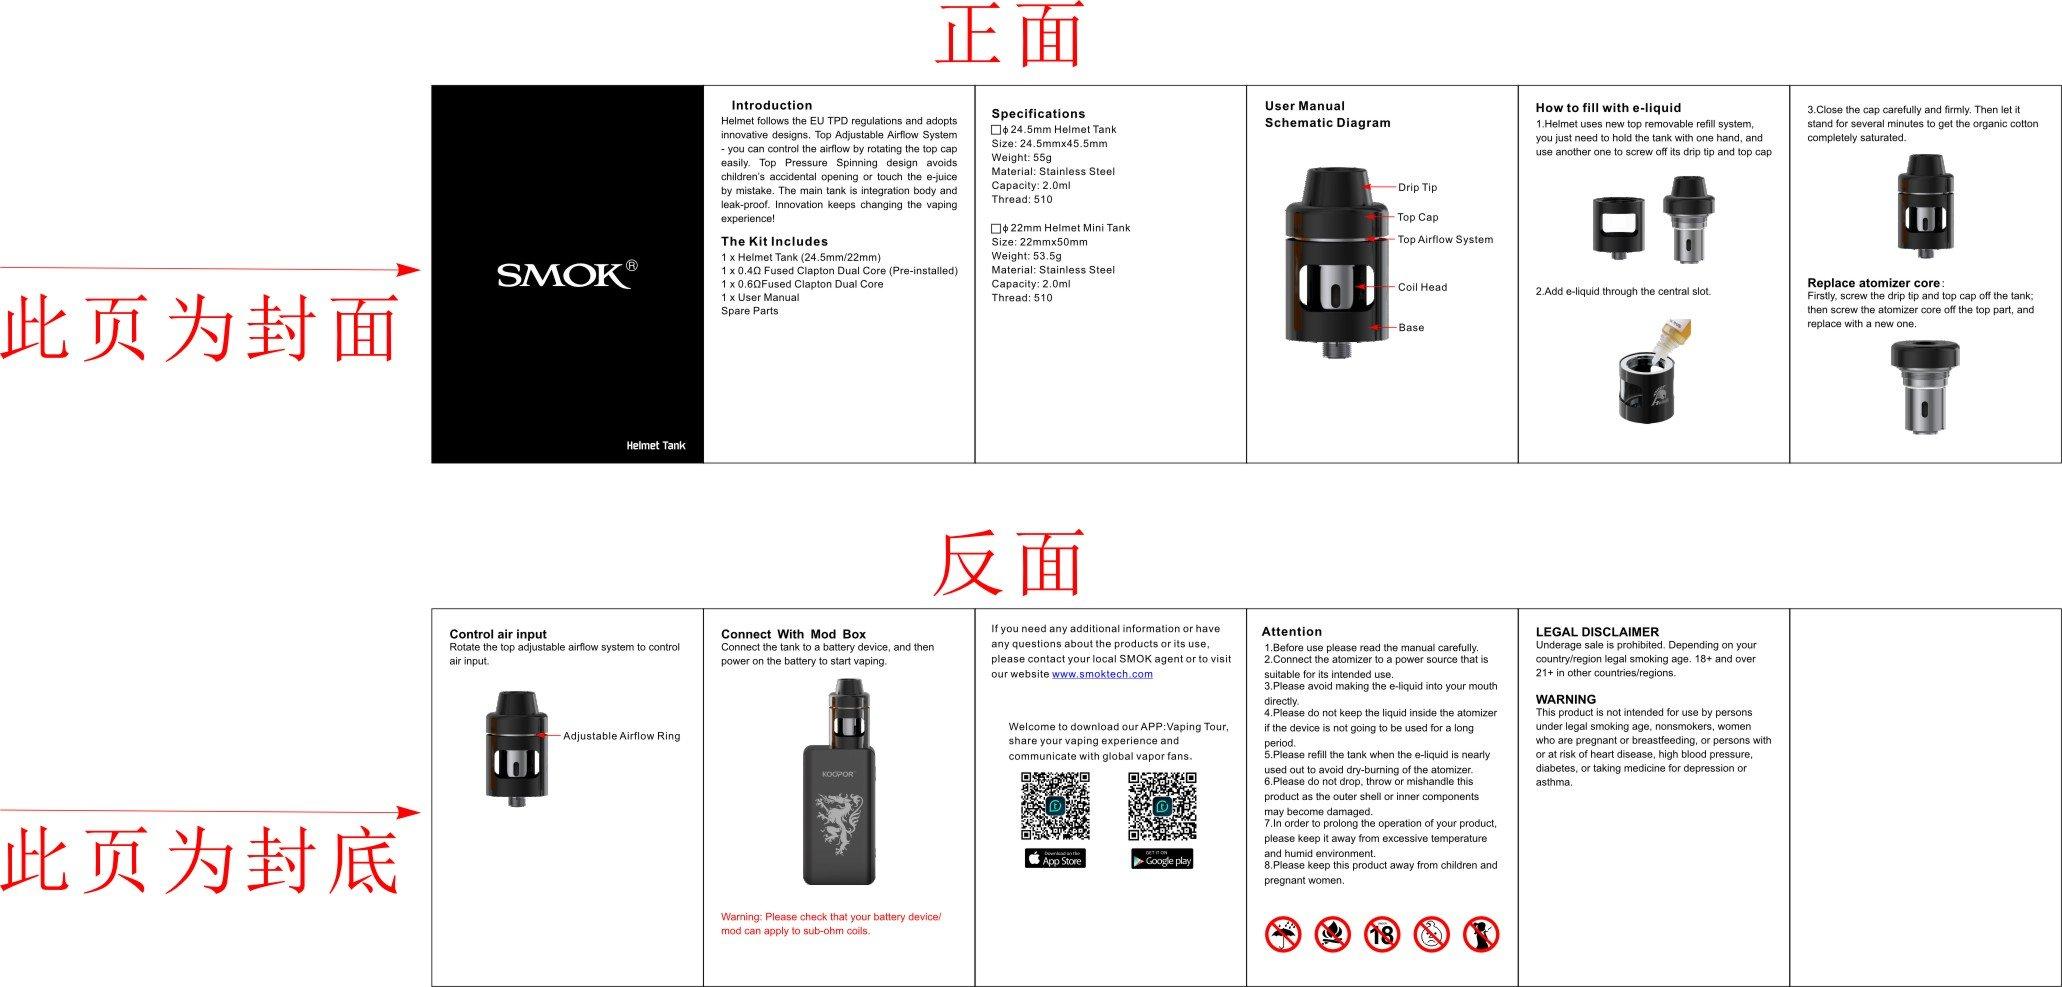 Manuali Sigarette Elettroniche   Svapo Store Sigarette